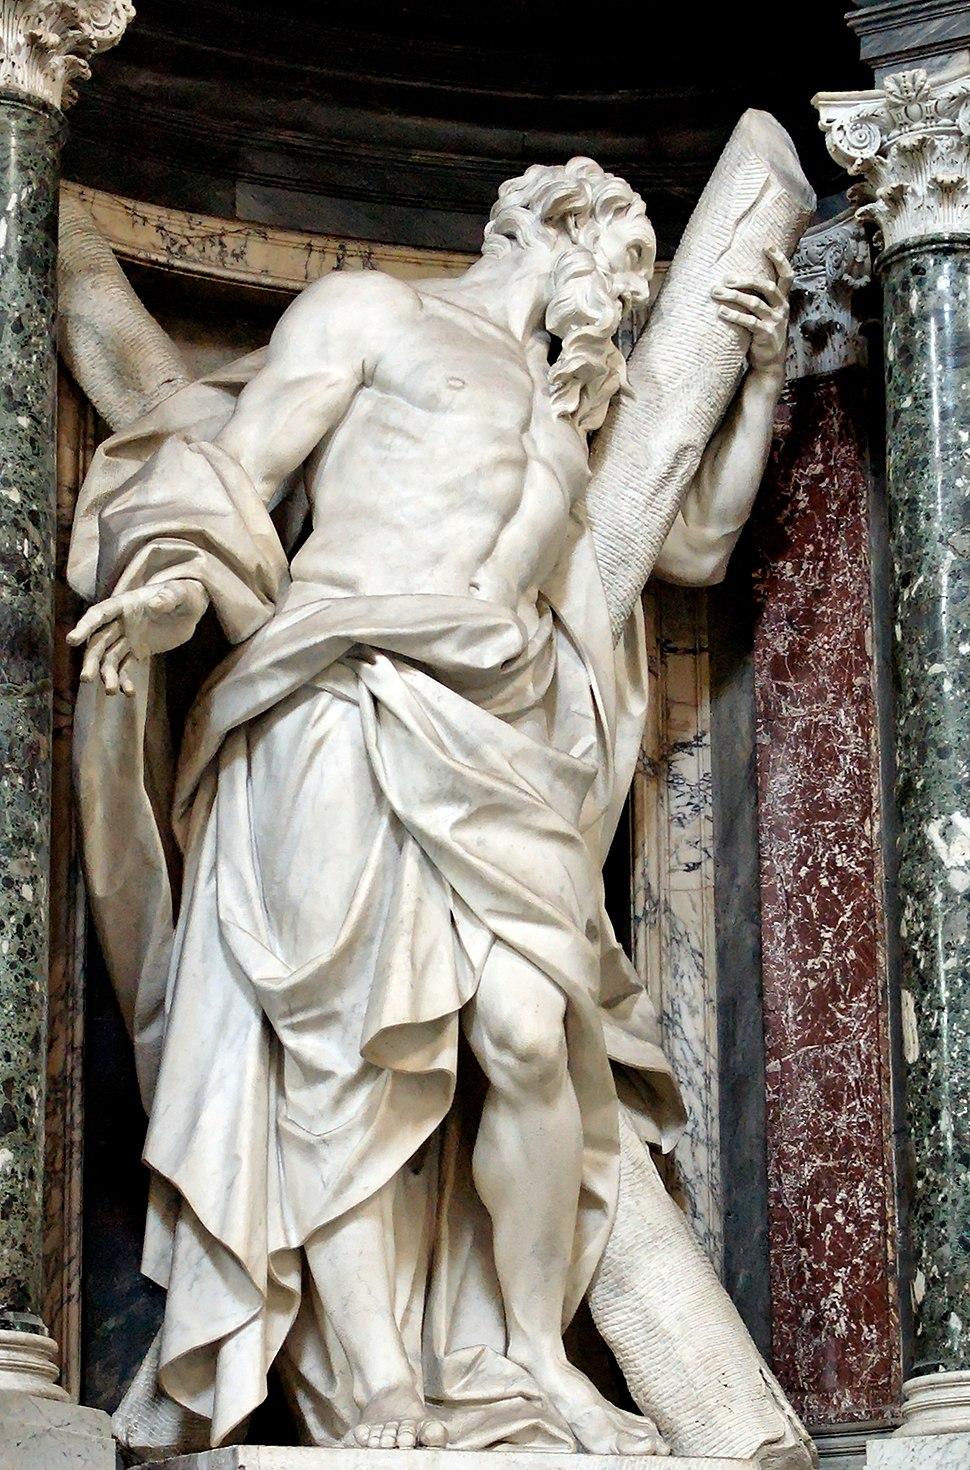 Andreas San Giovanni in Laterano 2006-09-07